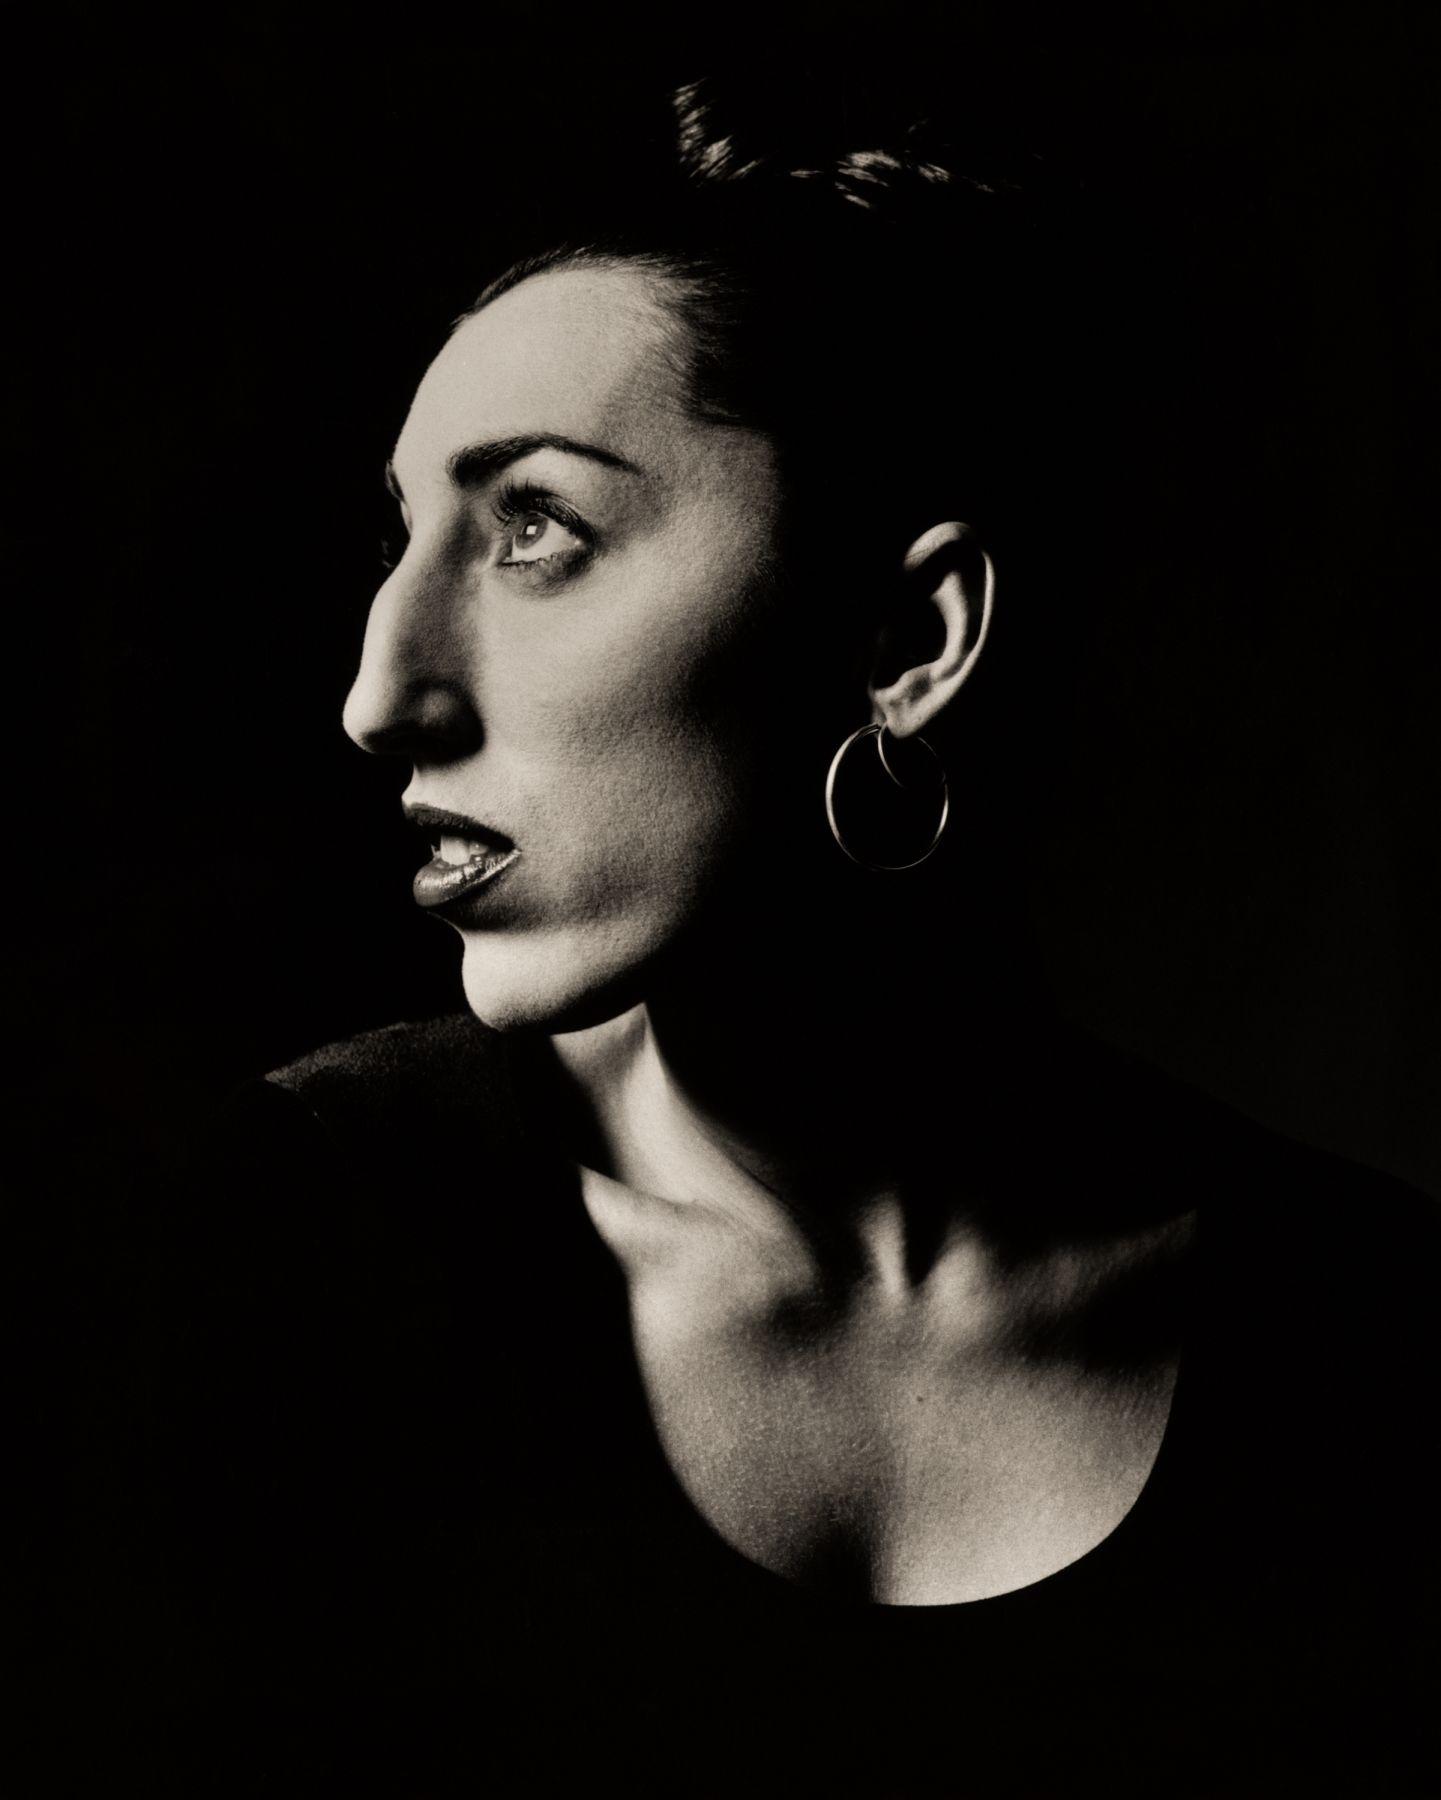 Rossy de Palma, Los Angeles, 1995